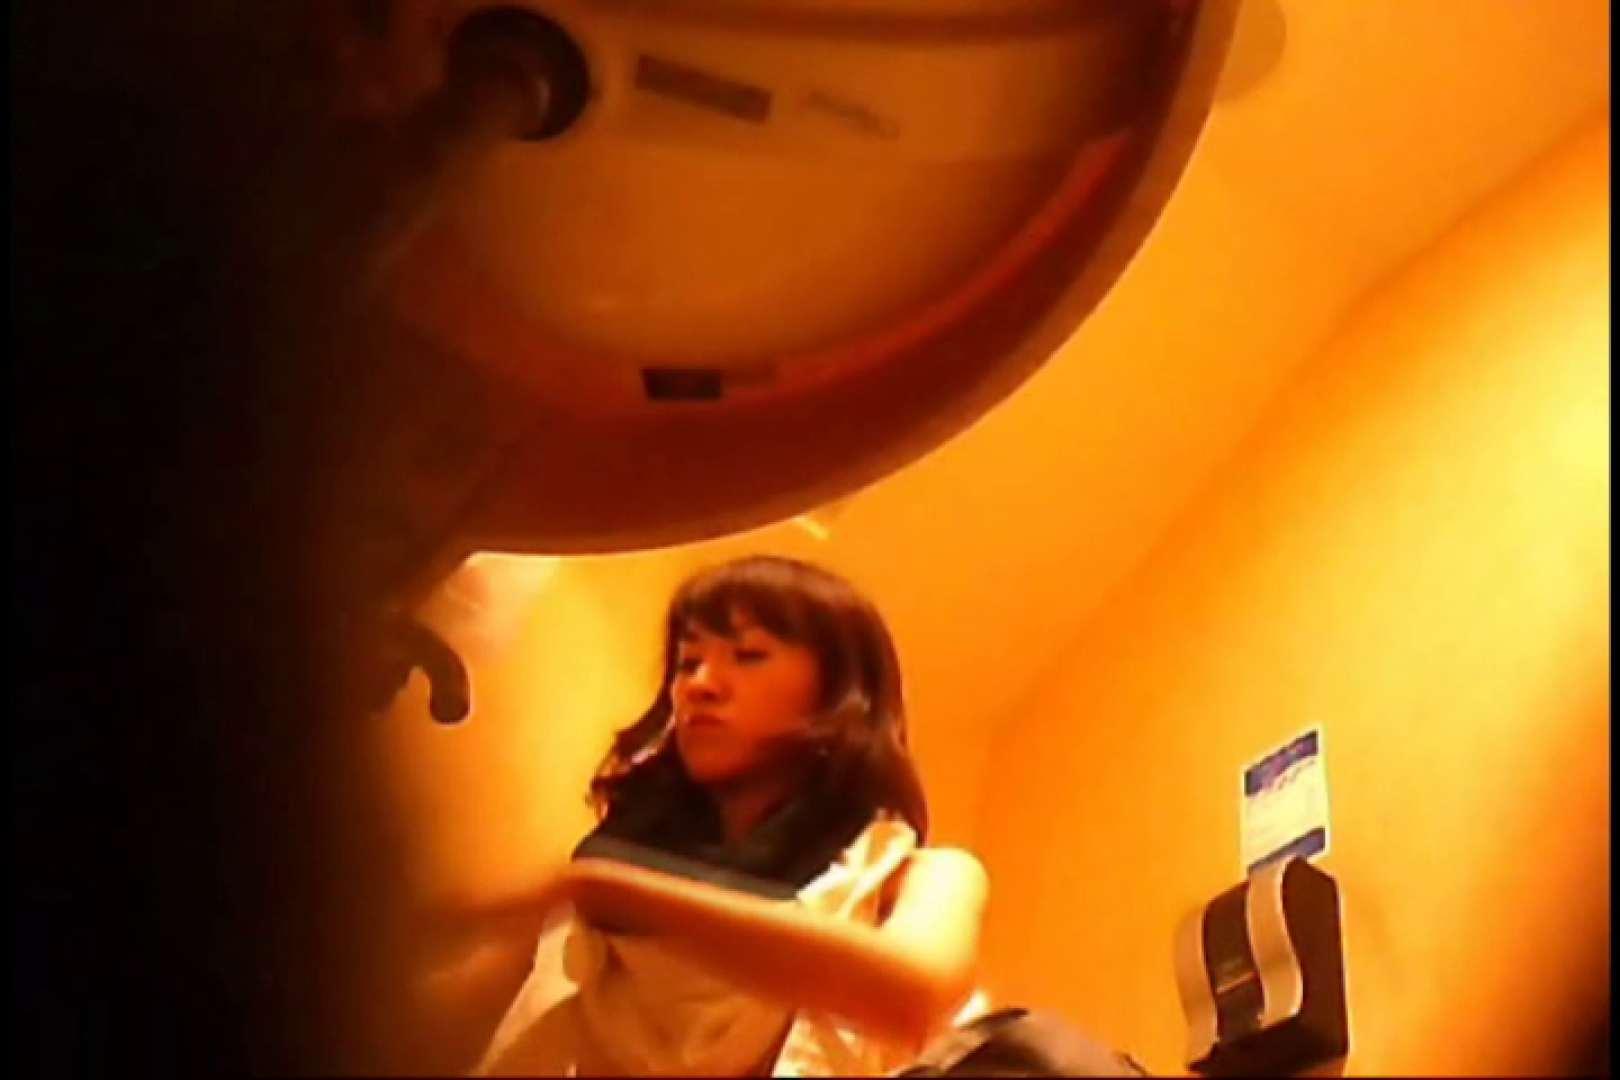 潜入!!女子化粧室盗撮~絶対見られたくない時間~vo,44 潜入突撃 われめAV動画紹介 71pic 28